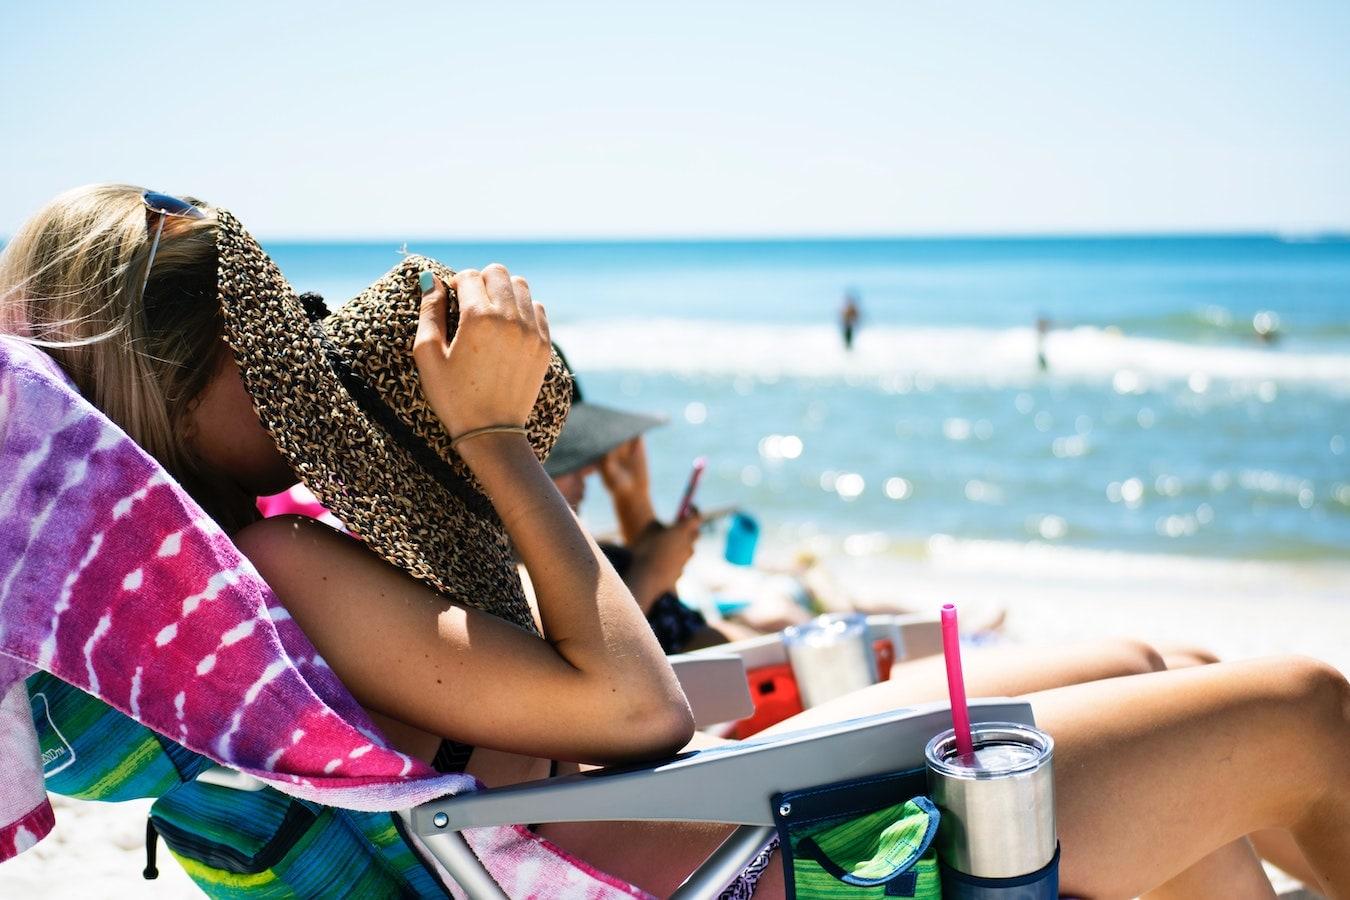 junge Frau am Strand sonnt sich in der Prallen Sonne Gefahr von Sonnenbrand